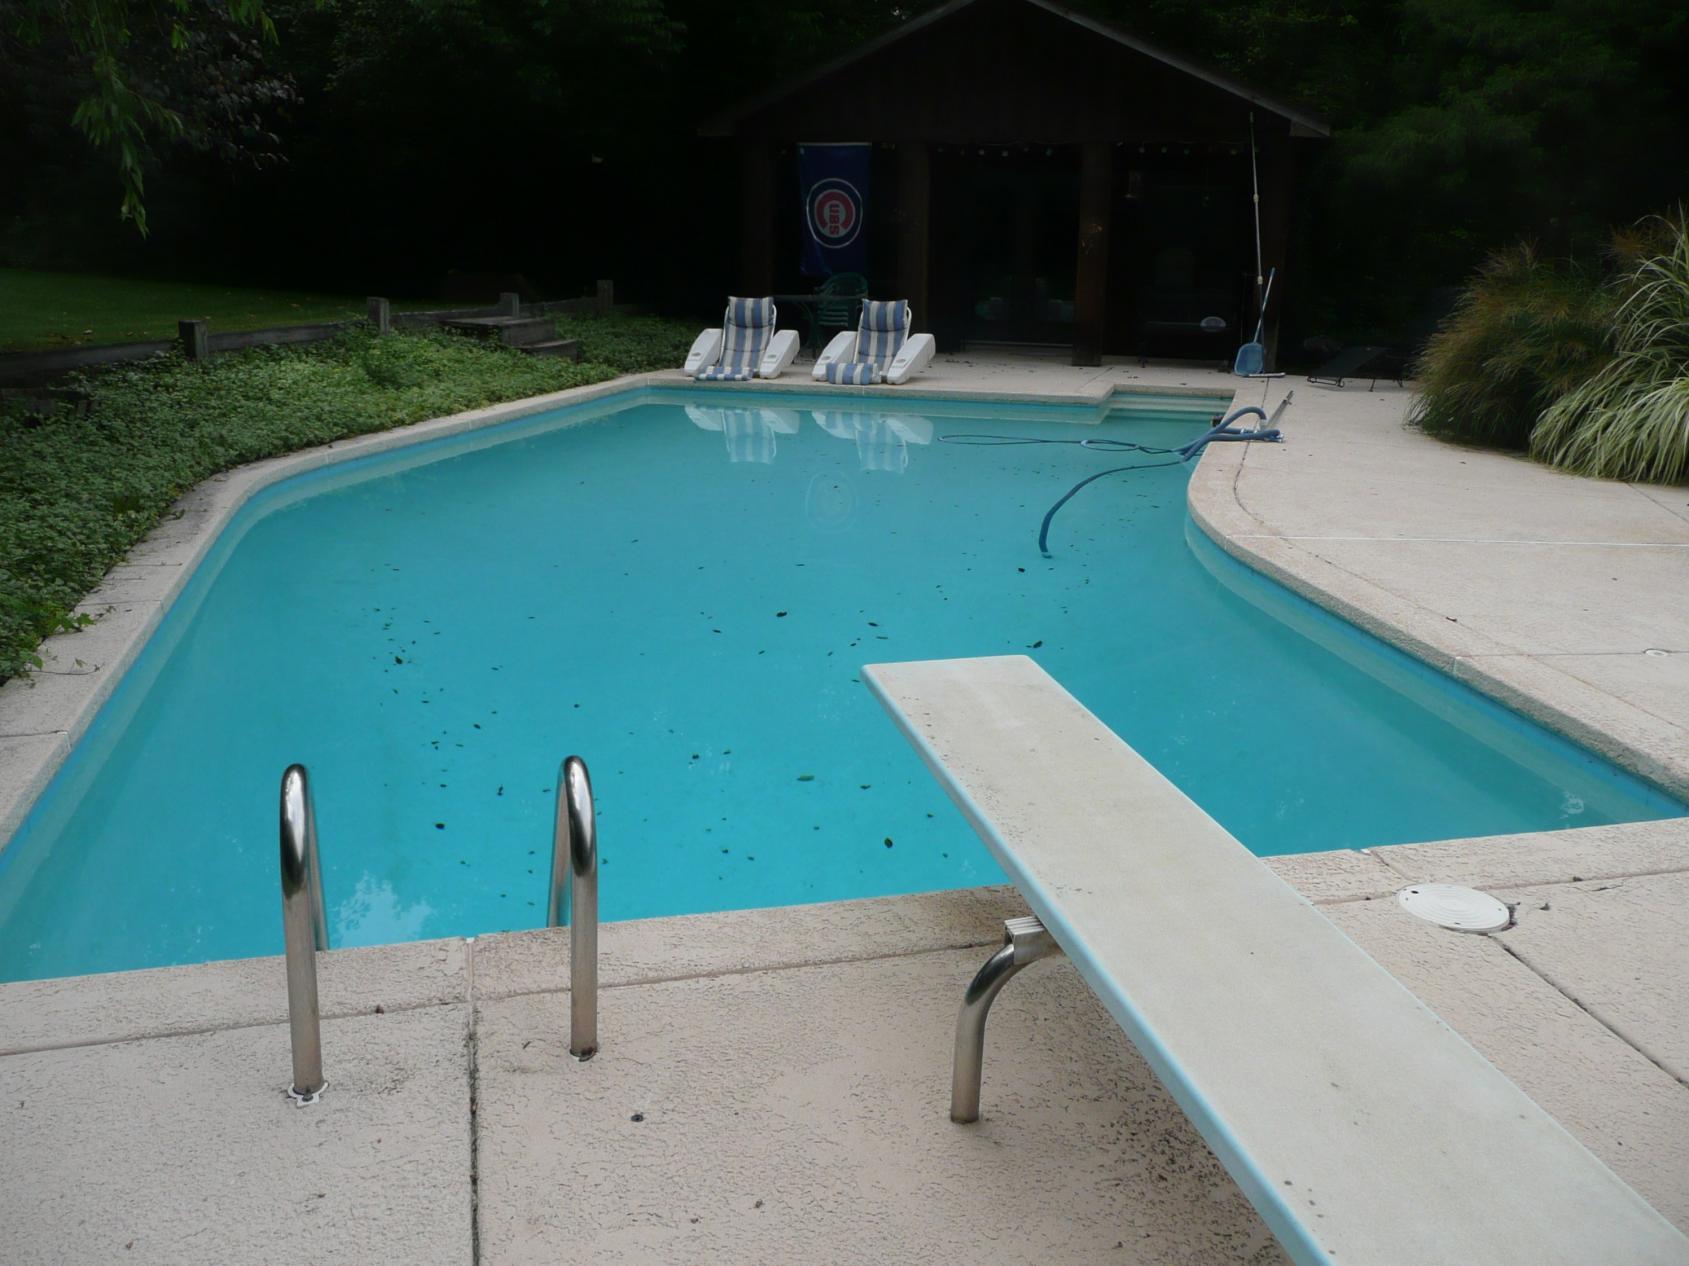 Kool Deck Repair Help Pool Construction Amp Enclosures